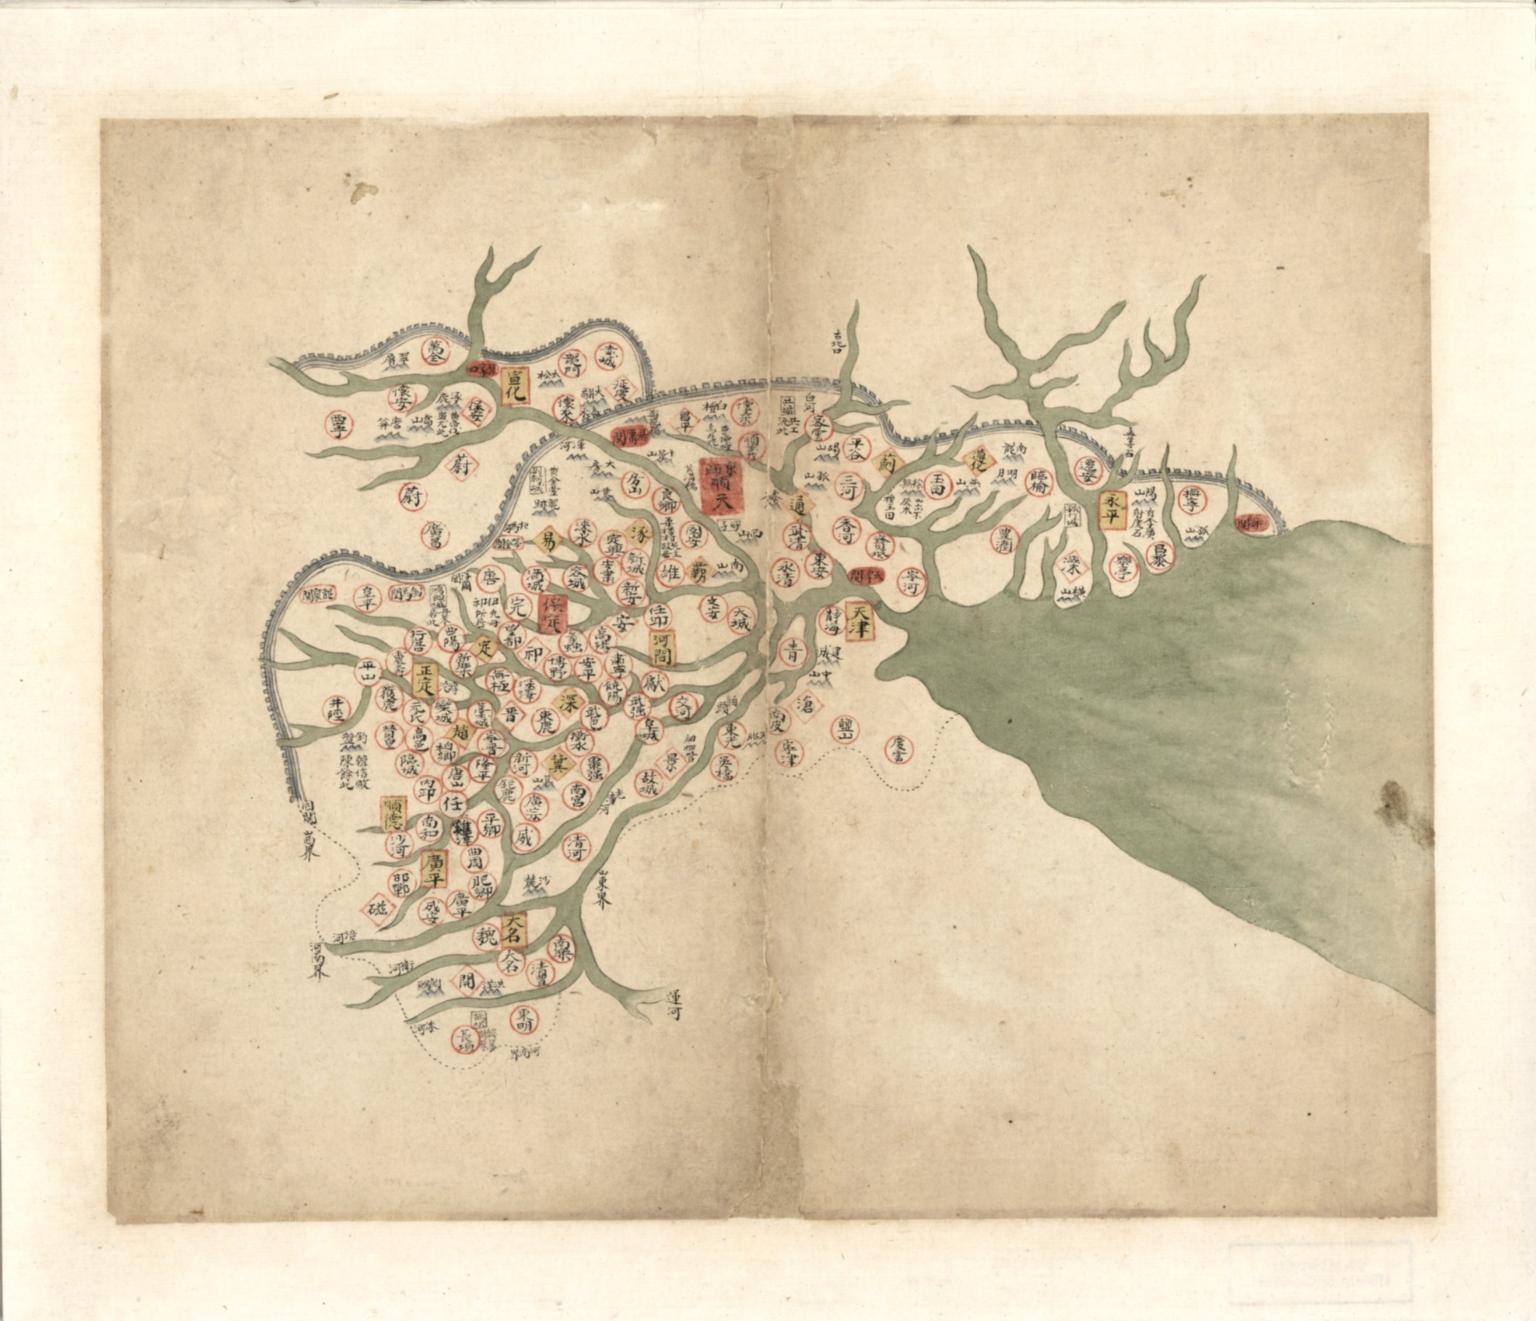 直隸省輿圖 = Map of Hebei Province